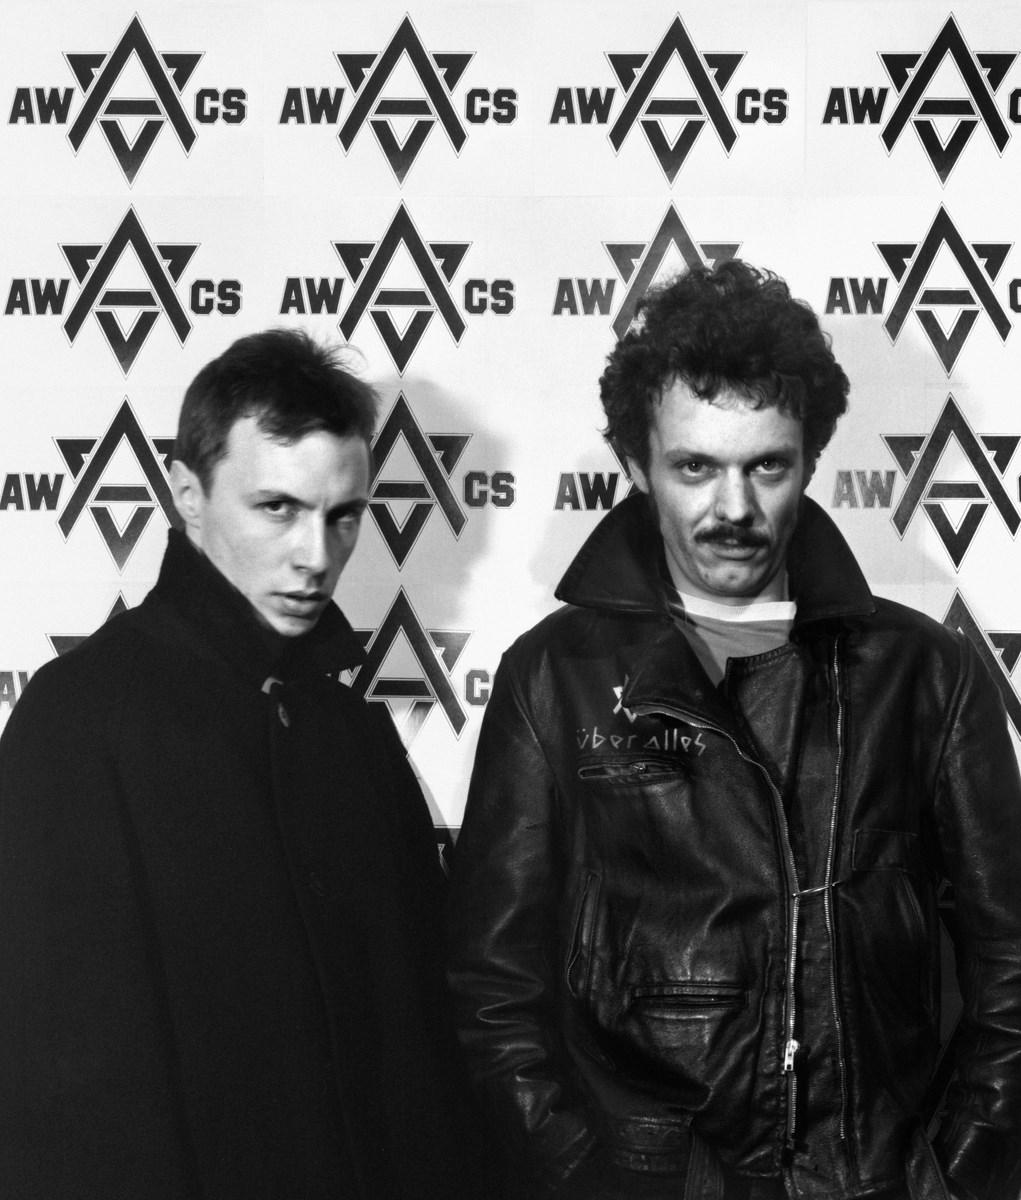 Piotr Grzybowski, Maciej Toporowicz, AWACS, fot. Maciej Toporowicz, 1981 (źródło: materiały prasowe organizatora)